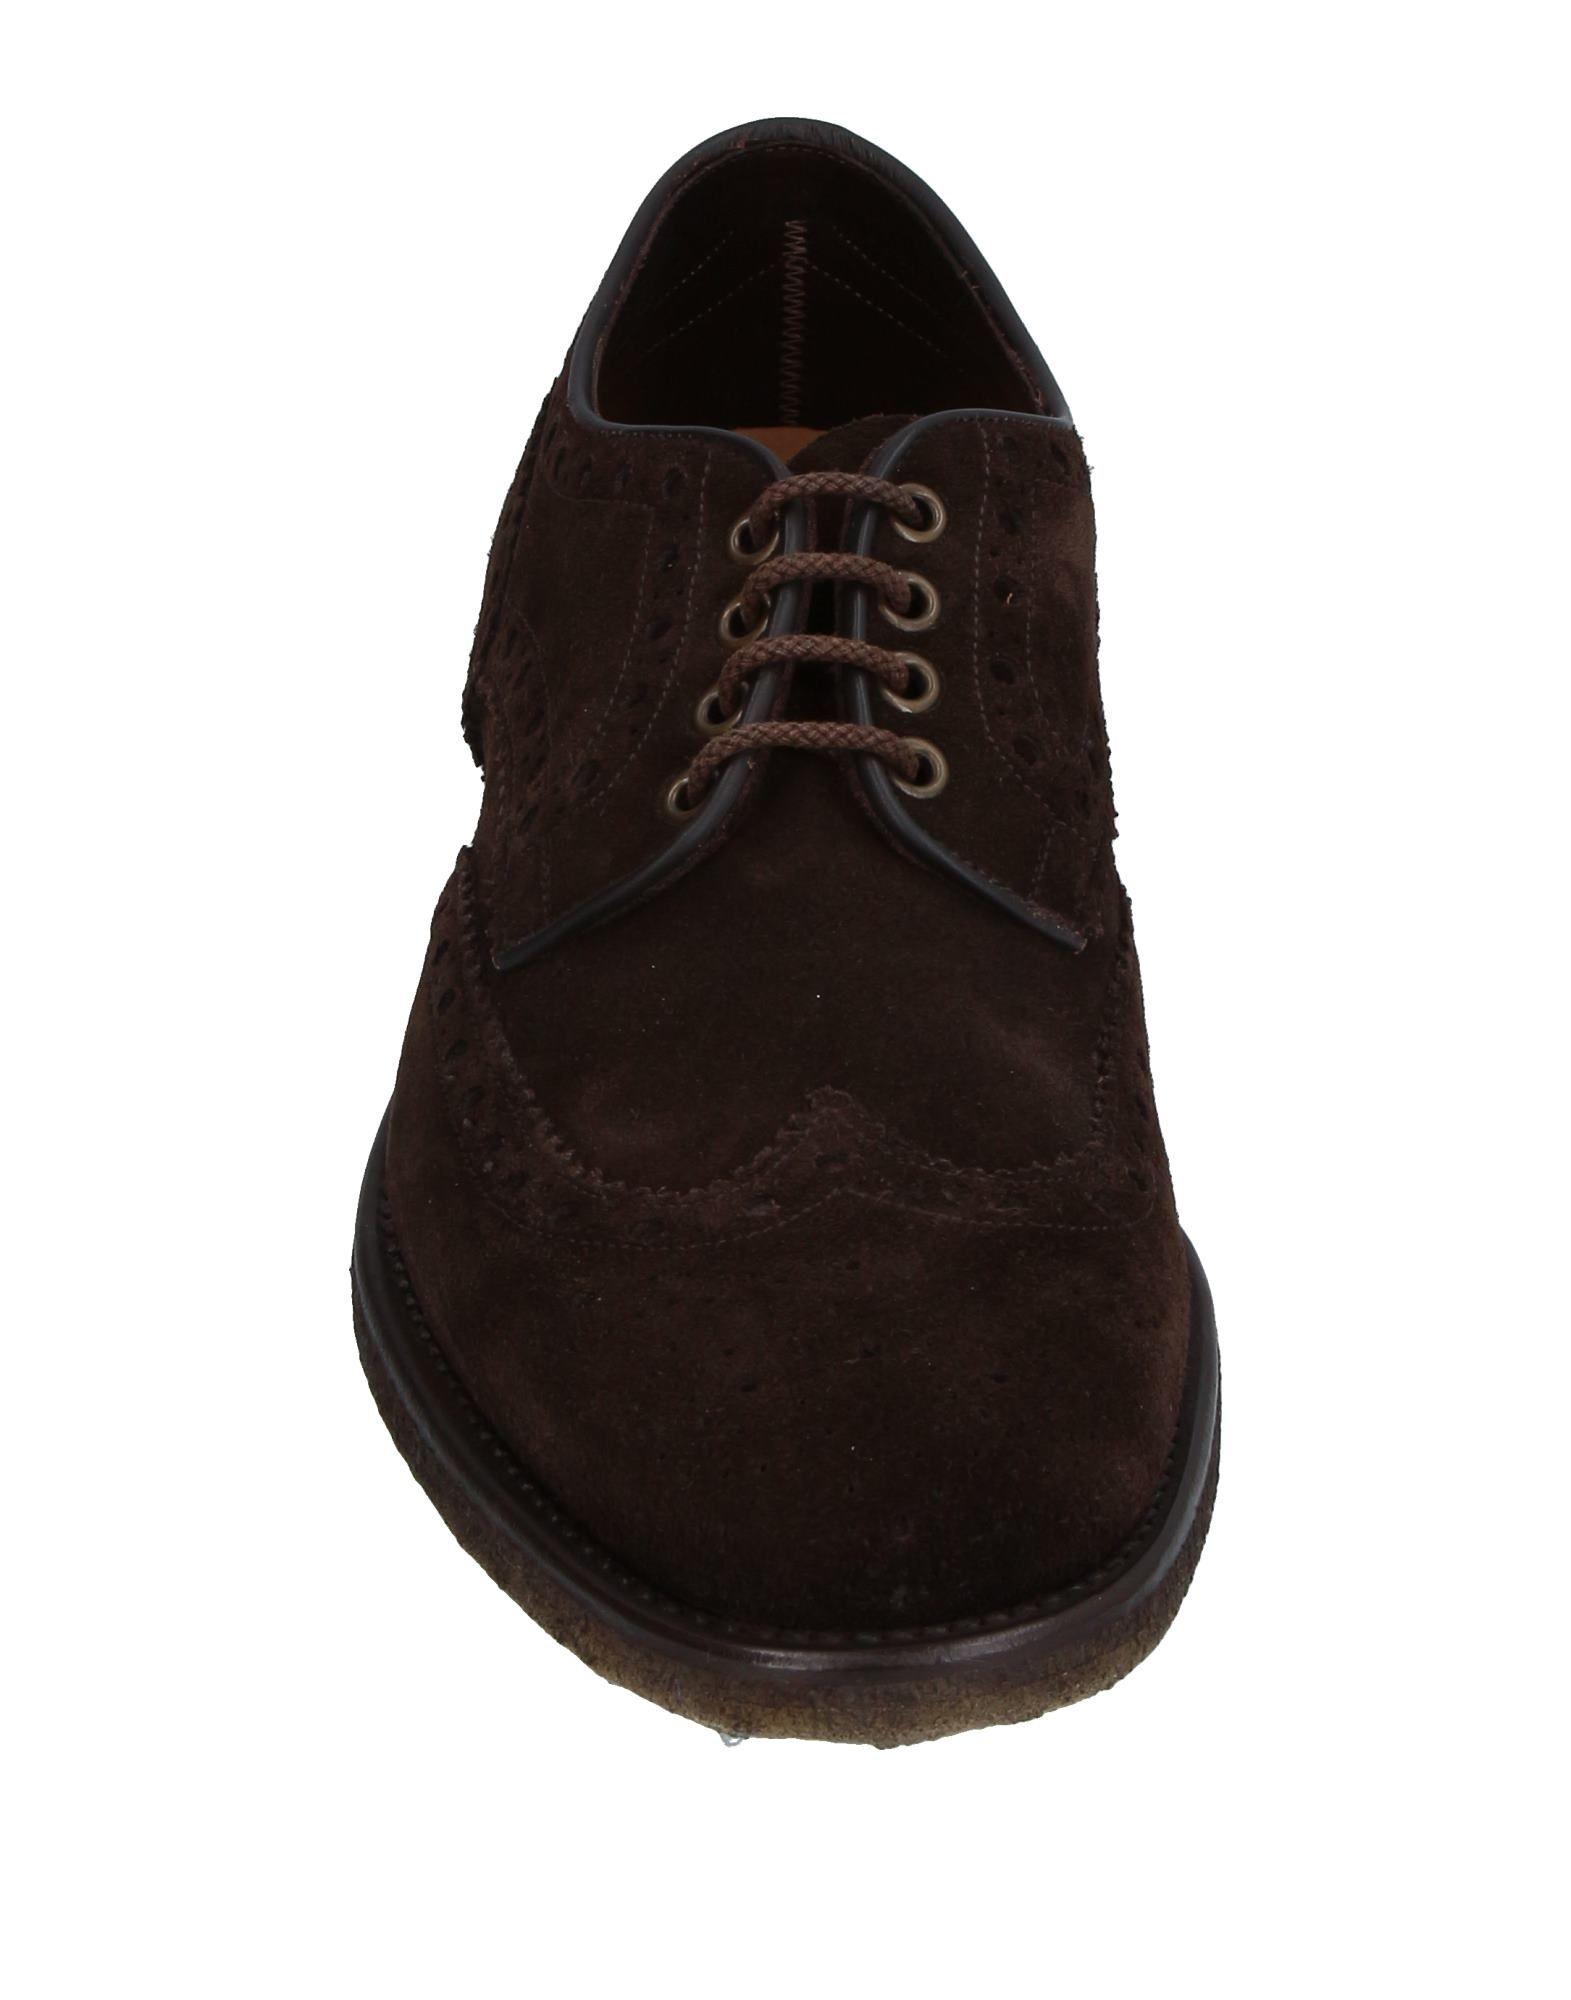 Chaussures À Lacets Regain Homme - Chaussures À Lacets Regain sur